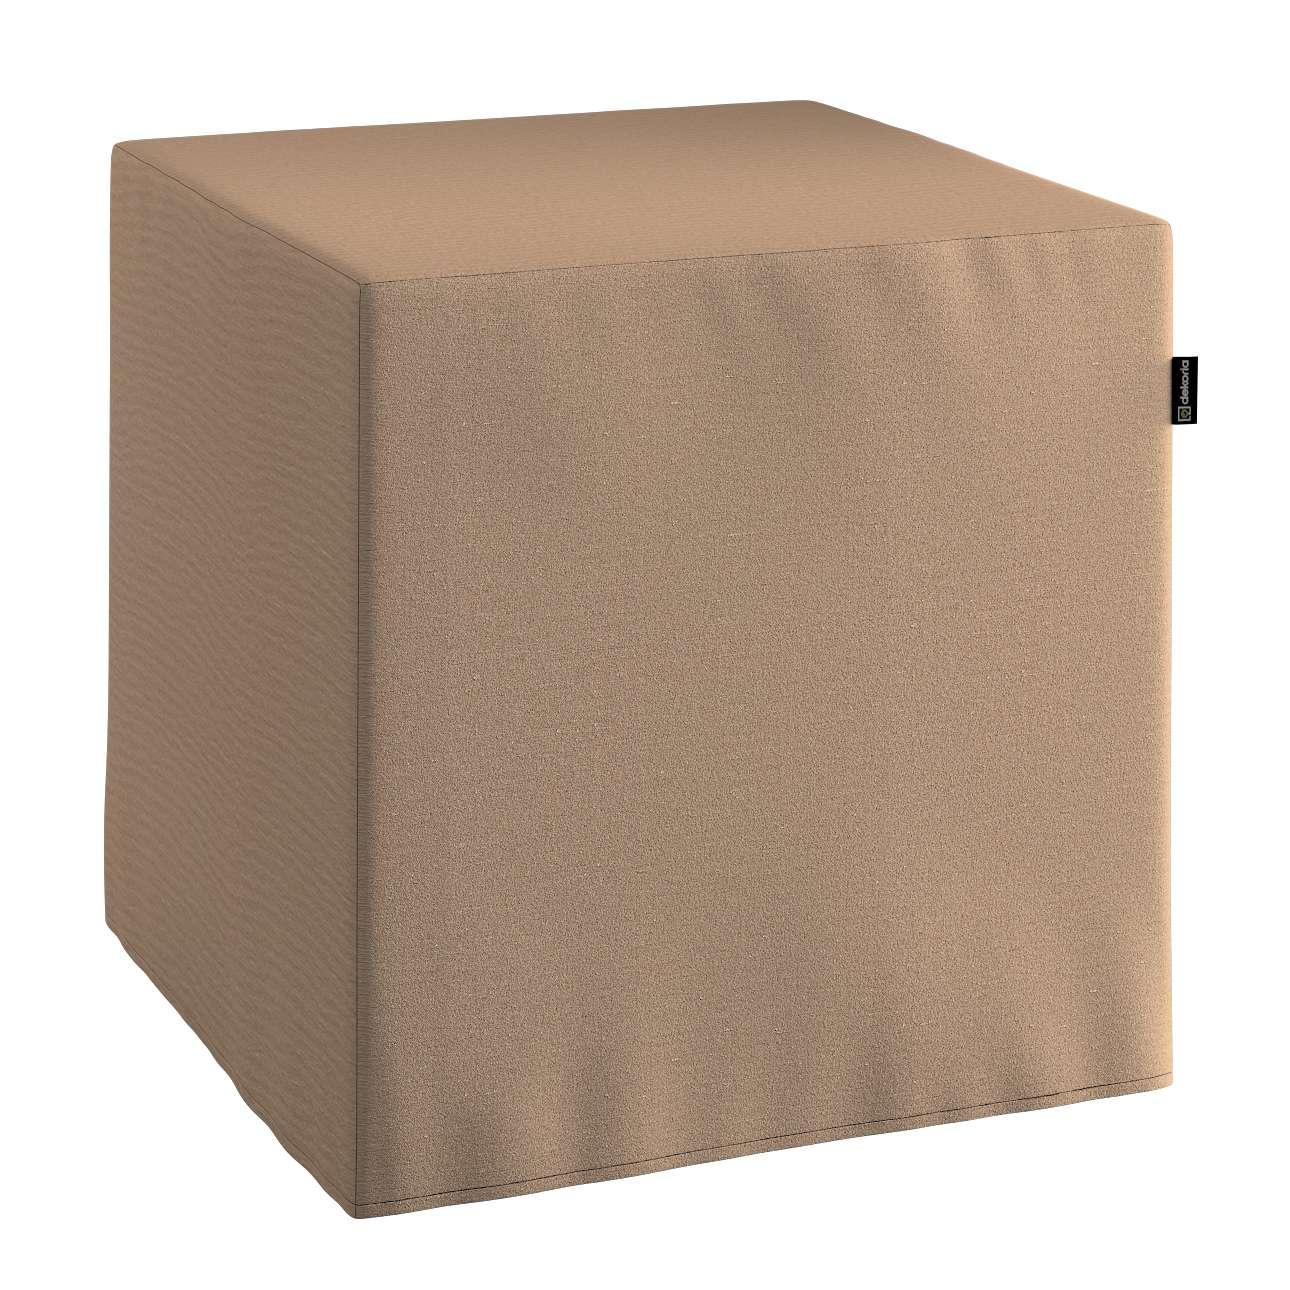 Bezug für Sitzwürfel Bezug für Sitzwürfel 40x40x40 cm von der Kollektion Quadro, Stoff: 136-09